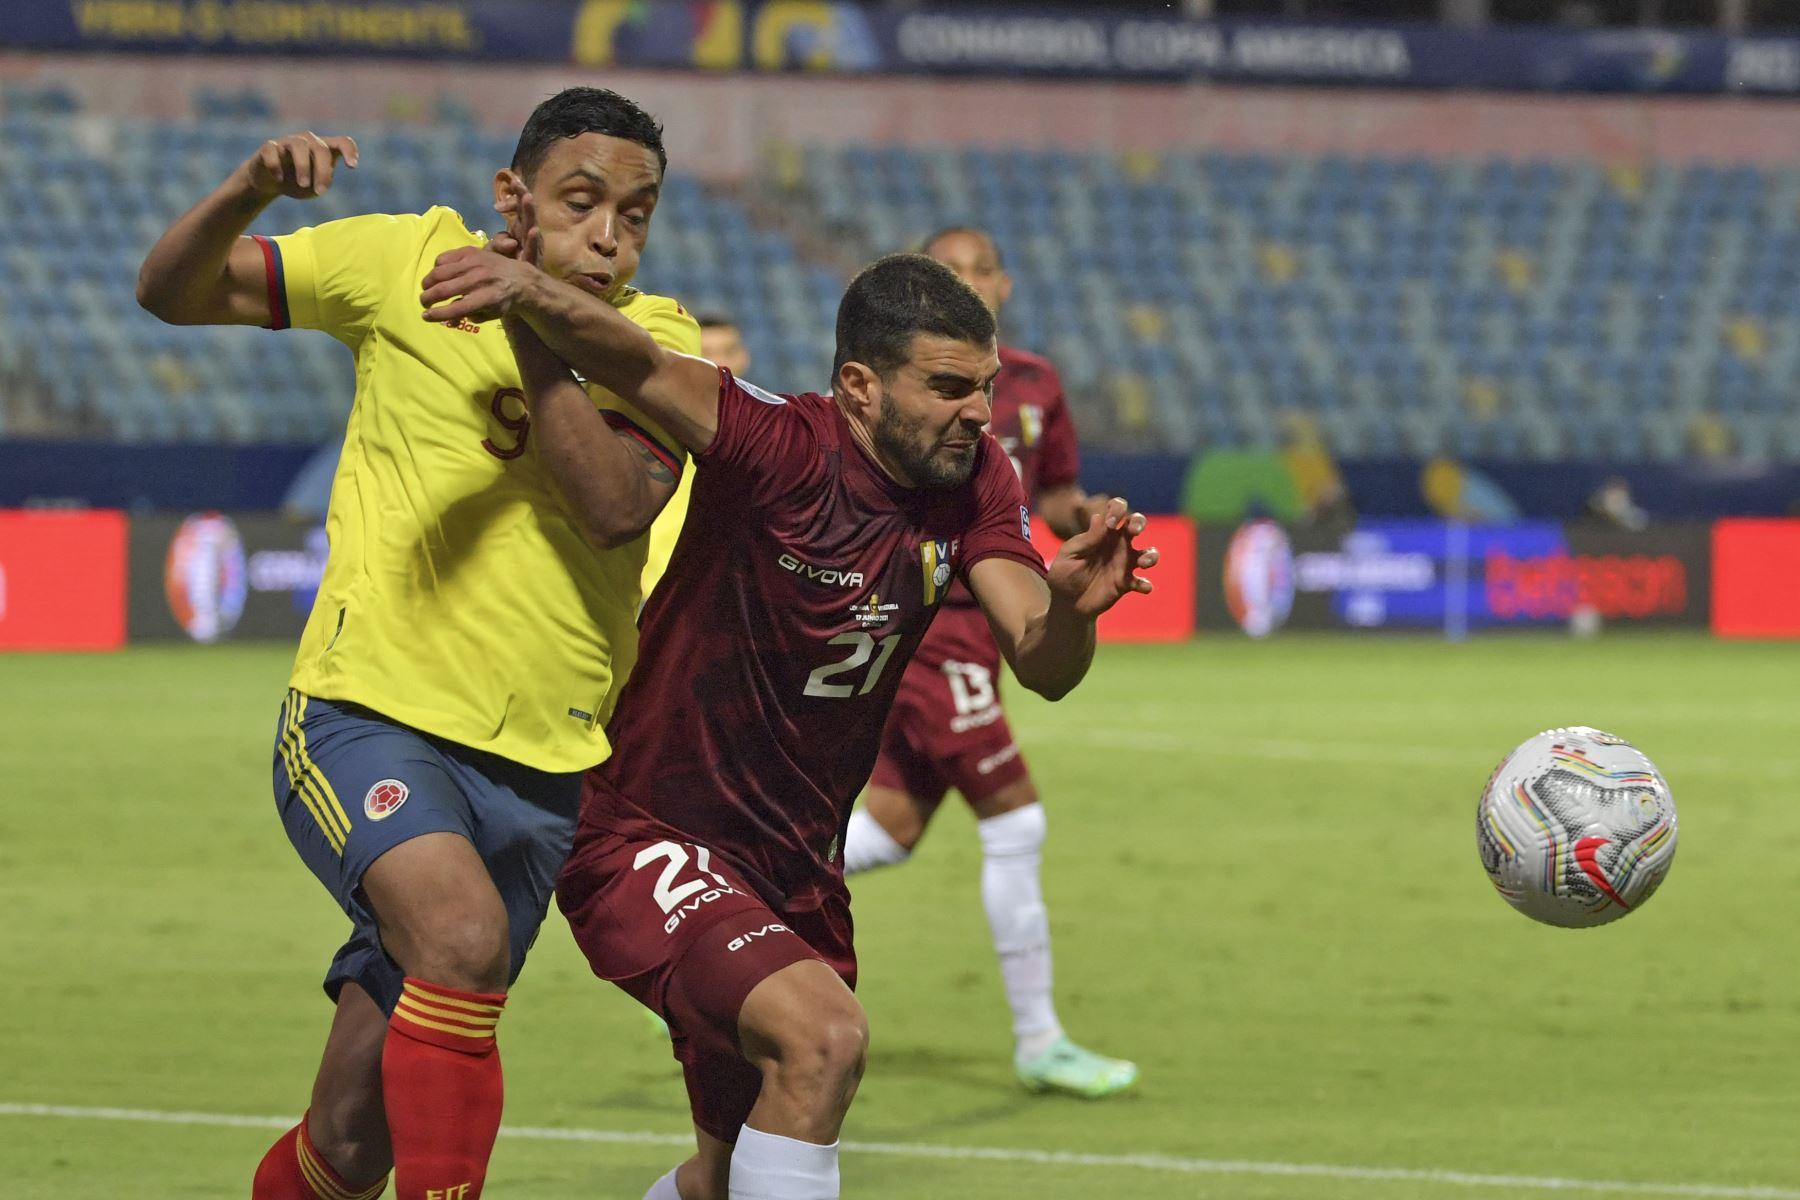 El colombiano Luis Muriel y el venezolano Alexander González compiten por el balón durante el partido de la fase de grupos de la Copa América, en el Estadio Olímpico de Goiania, Brasil. Foto: AFP